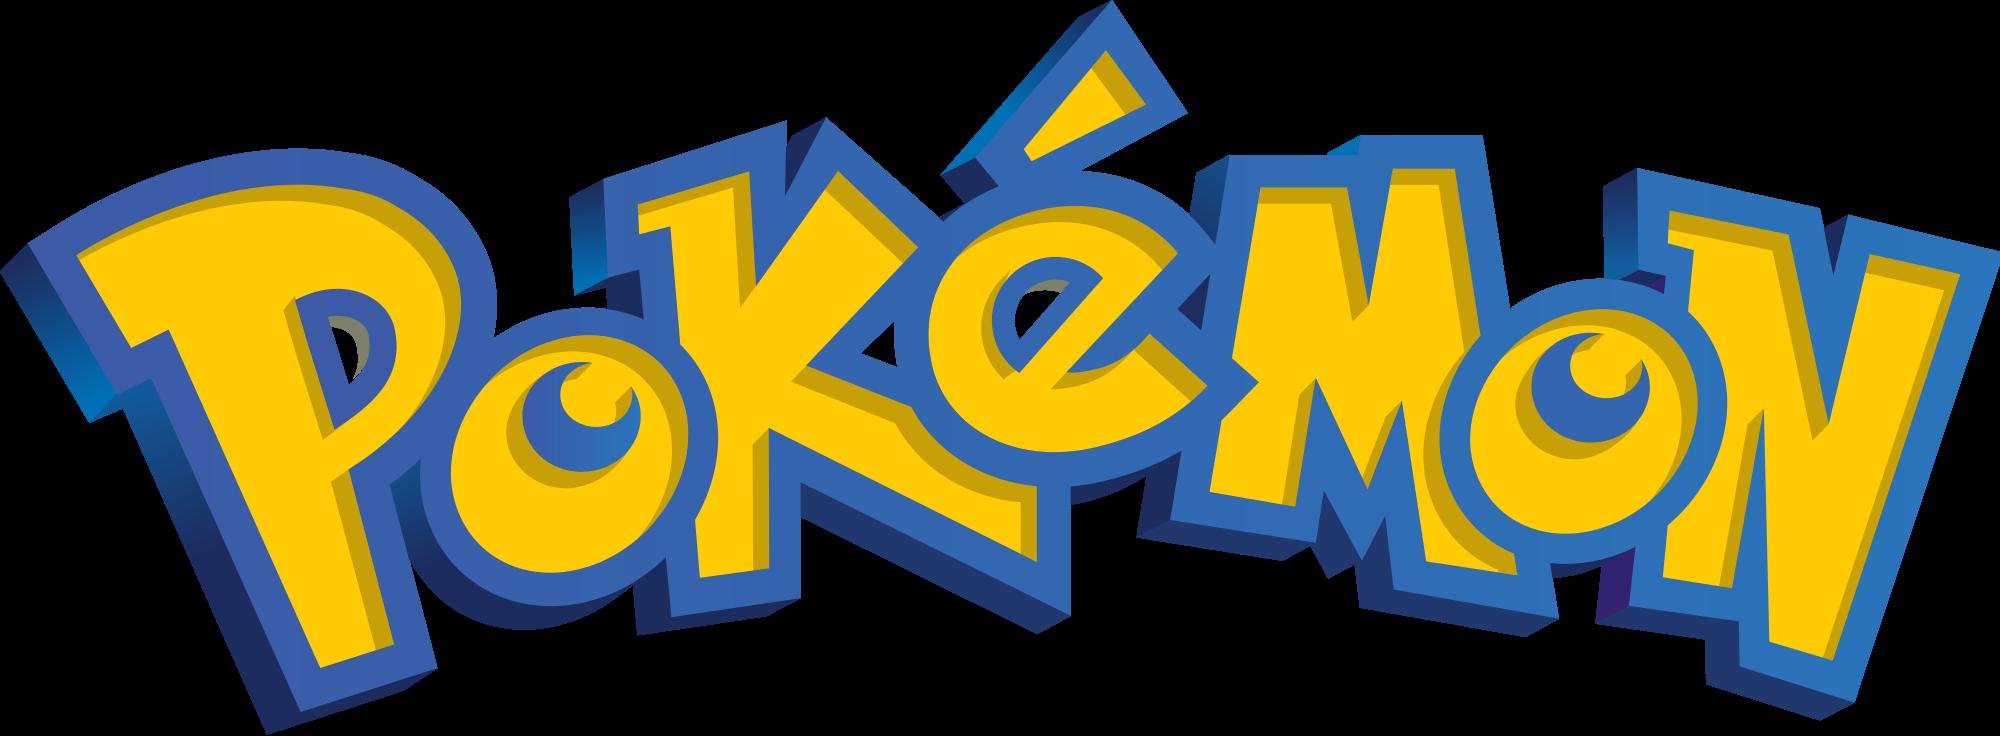 Pokemon PNG - 5074